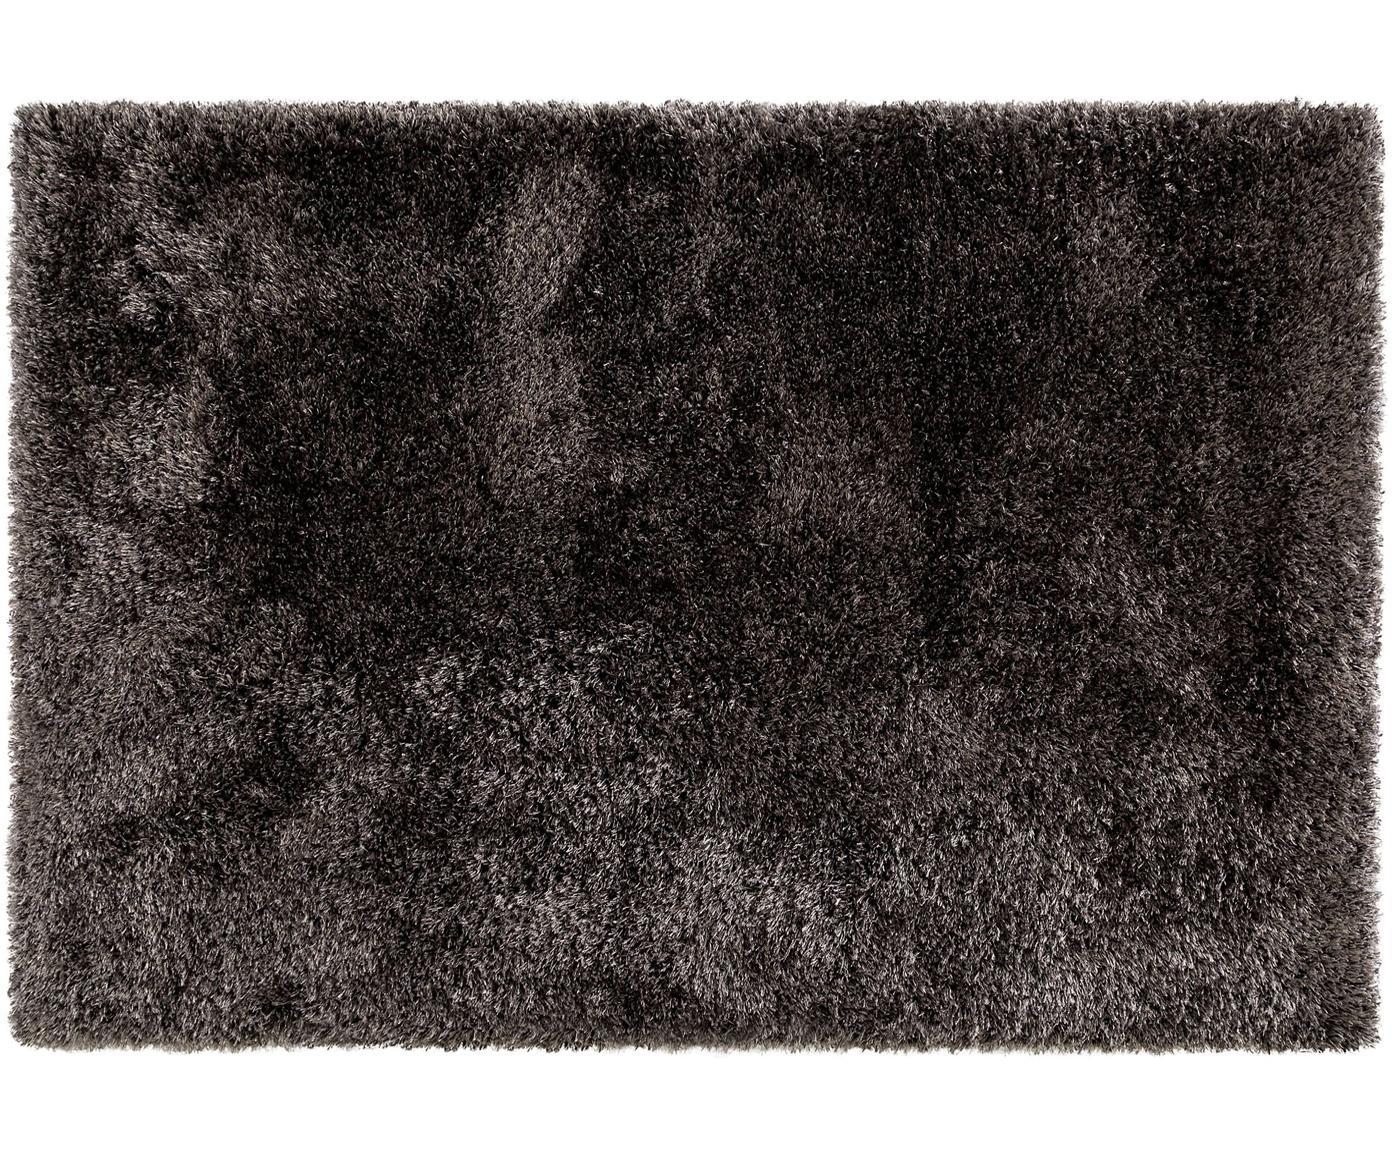 Tappeto a pelo lungo effetto lucido Lea, 50% poliestere, 50% polipropilene, Antracite, Larg. 140 x Lung. 200 cm (taglia S)